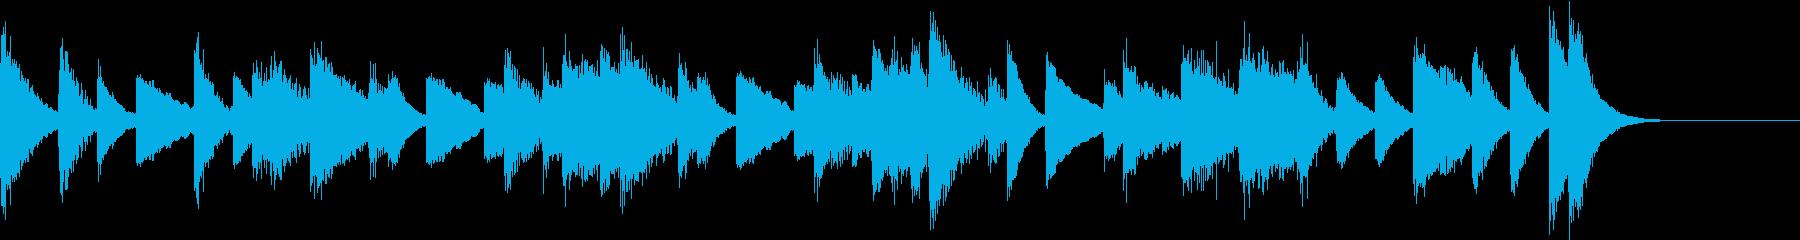 Sus4を多用した宇宙感のピアノジングルの再生済みの波形